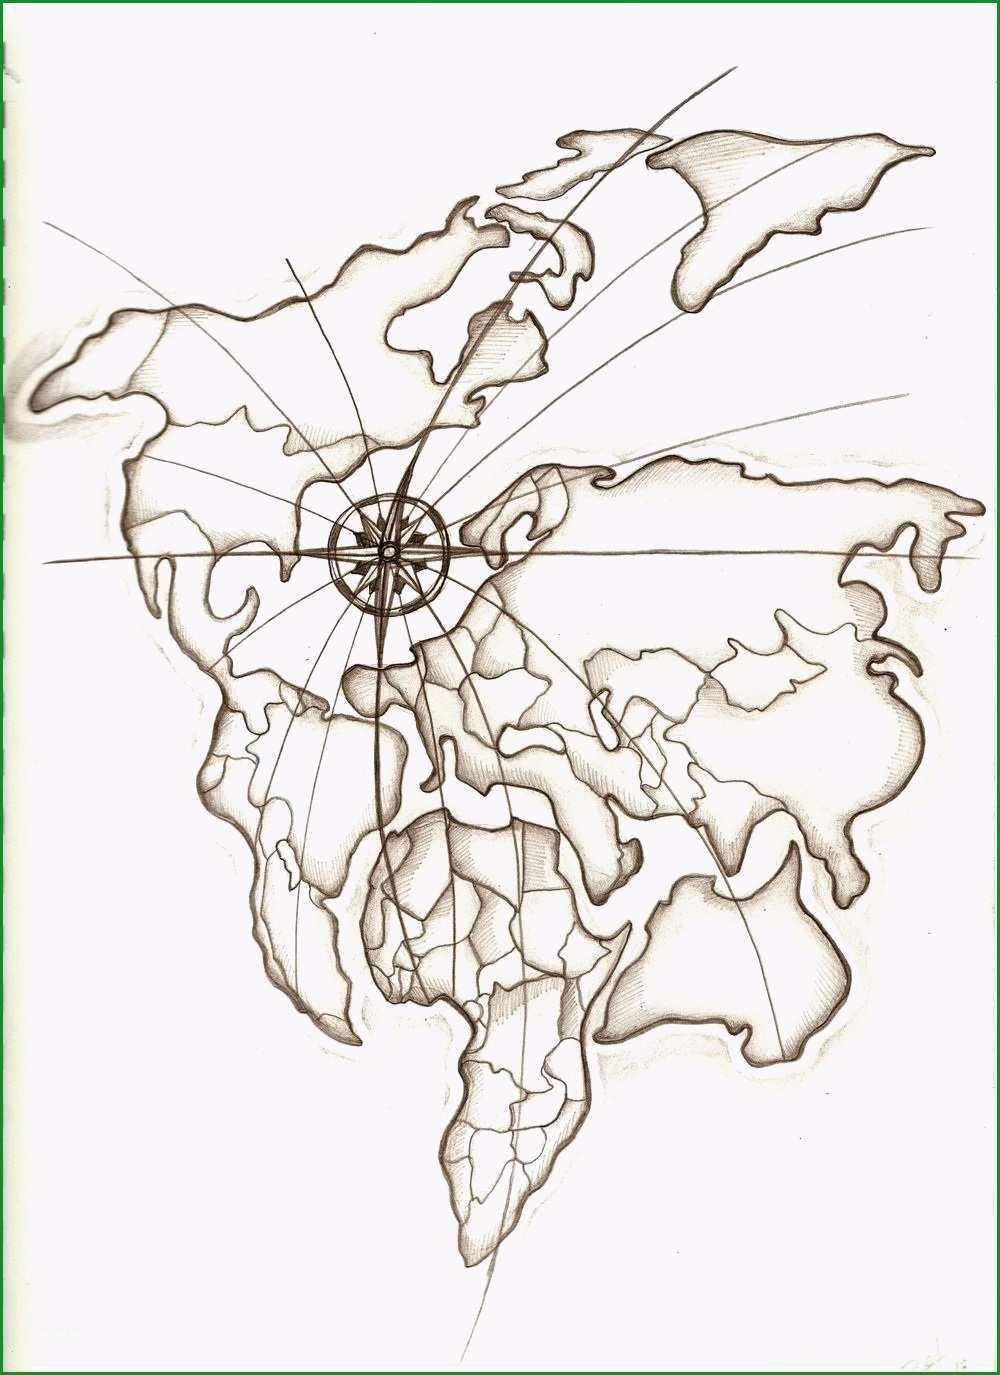 franzistattoos17 weltkarte tattoos von tattoo bewertungde weltkarte tattoo vorlage